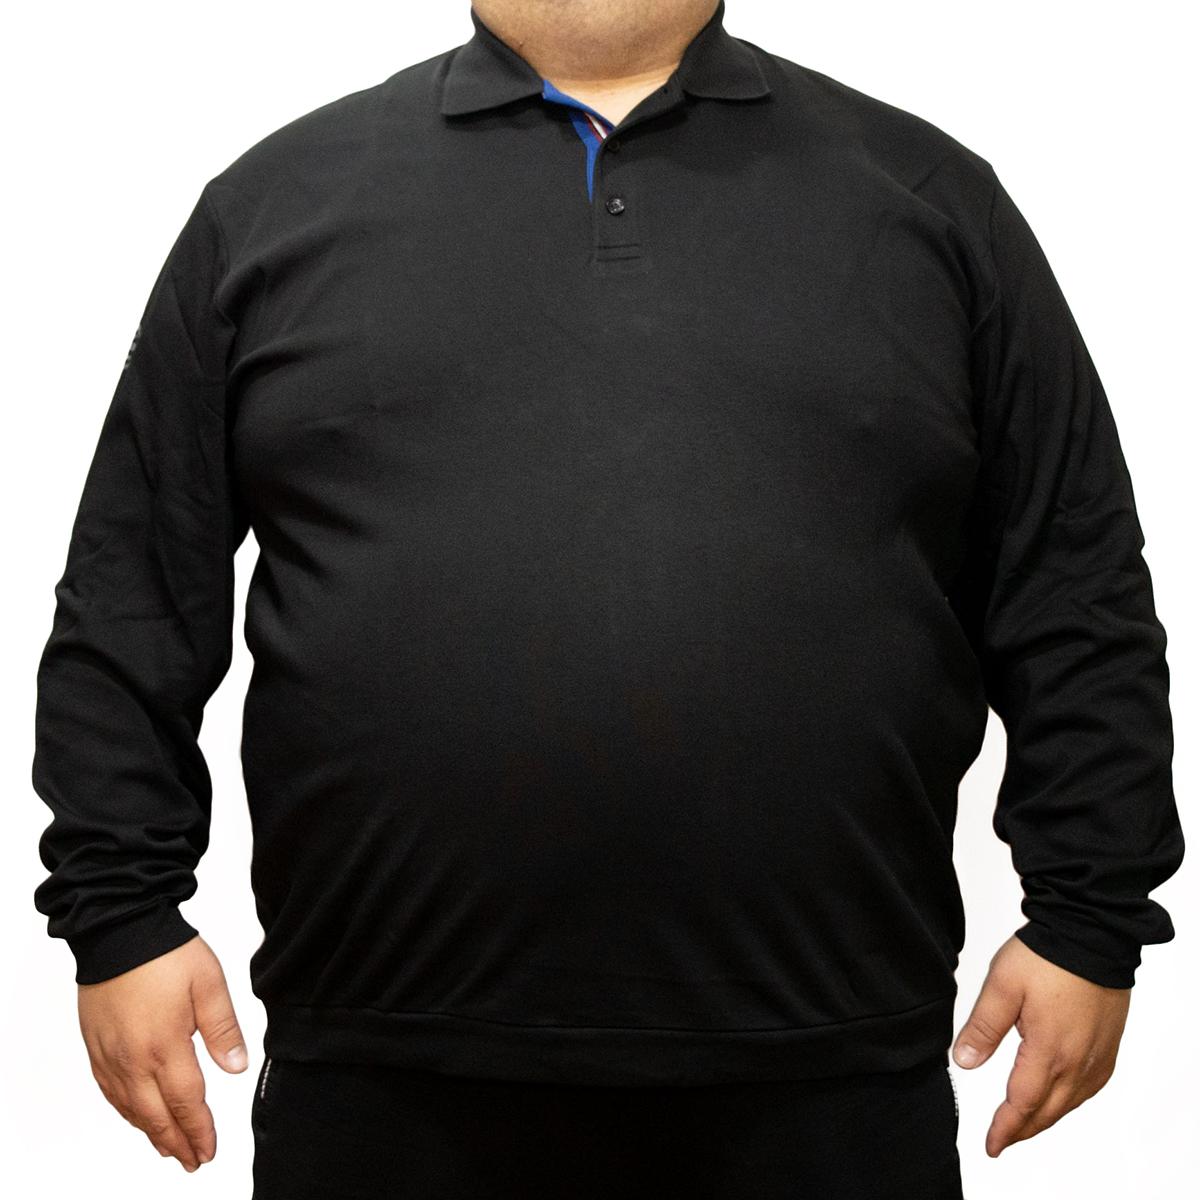 Bluza subtire neagra cu guler , Marime 8XL - egato.ro